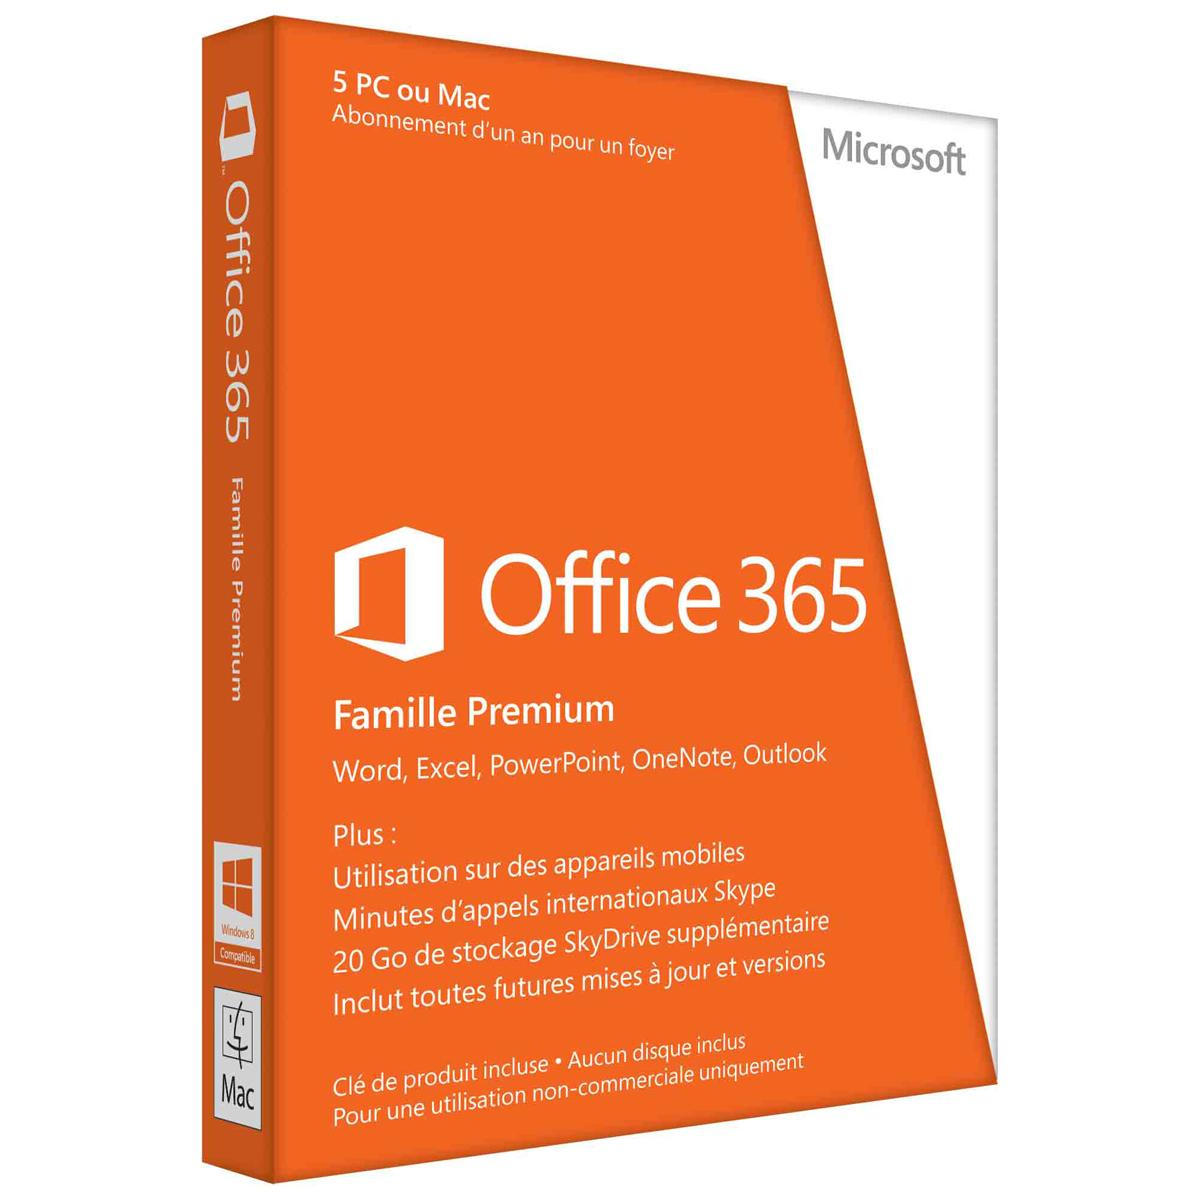 Logiciel suite bureautique Microsoft Office 365 Famille Premium Licence 1 utilisateur pour 5 PC ou Mac du même foyer - Abonnement 1 an (carte d'activation)